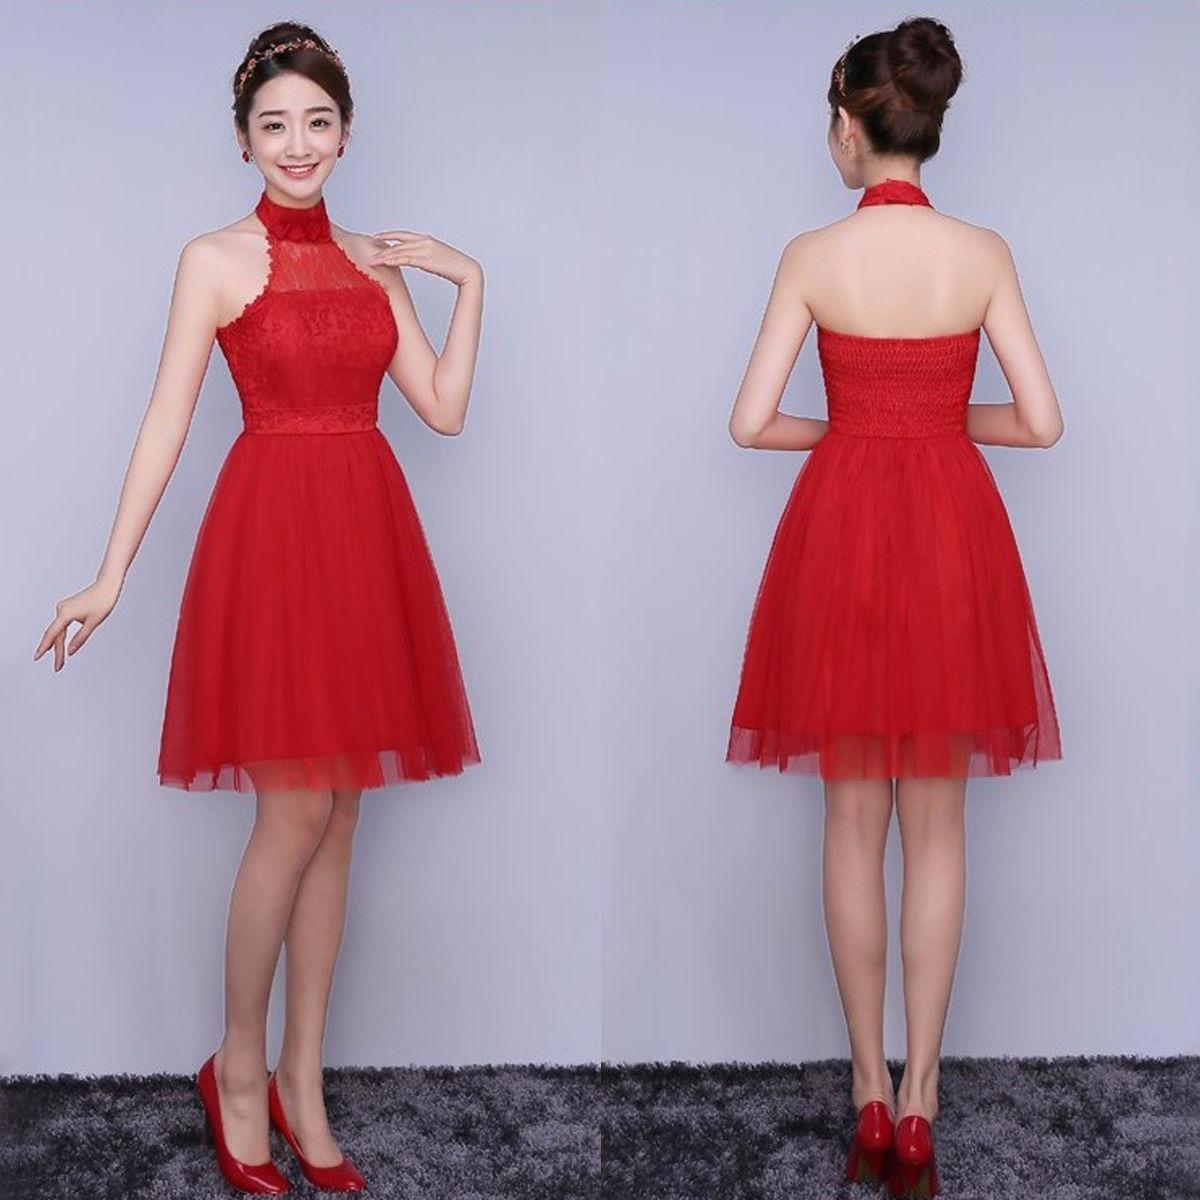 cb2b5cfc0be vestido rojo fashion elegante fiesta grados dama de honor. Cargando zoom.